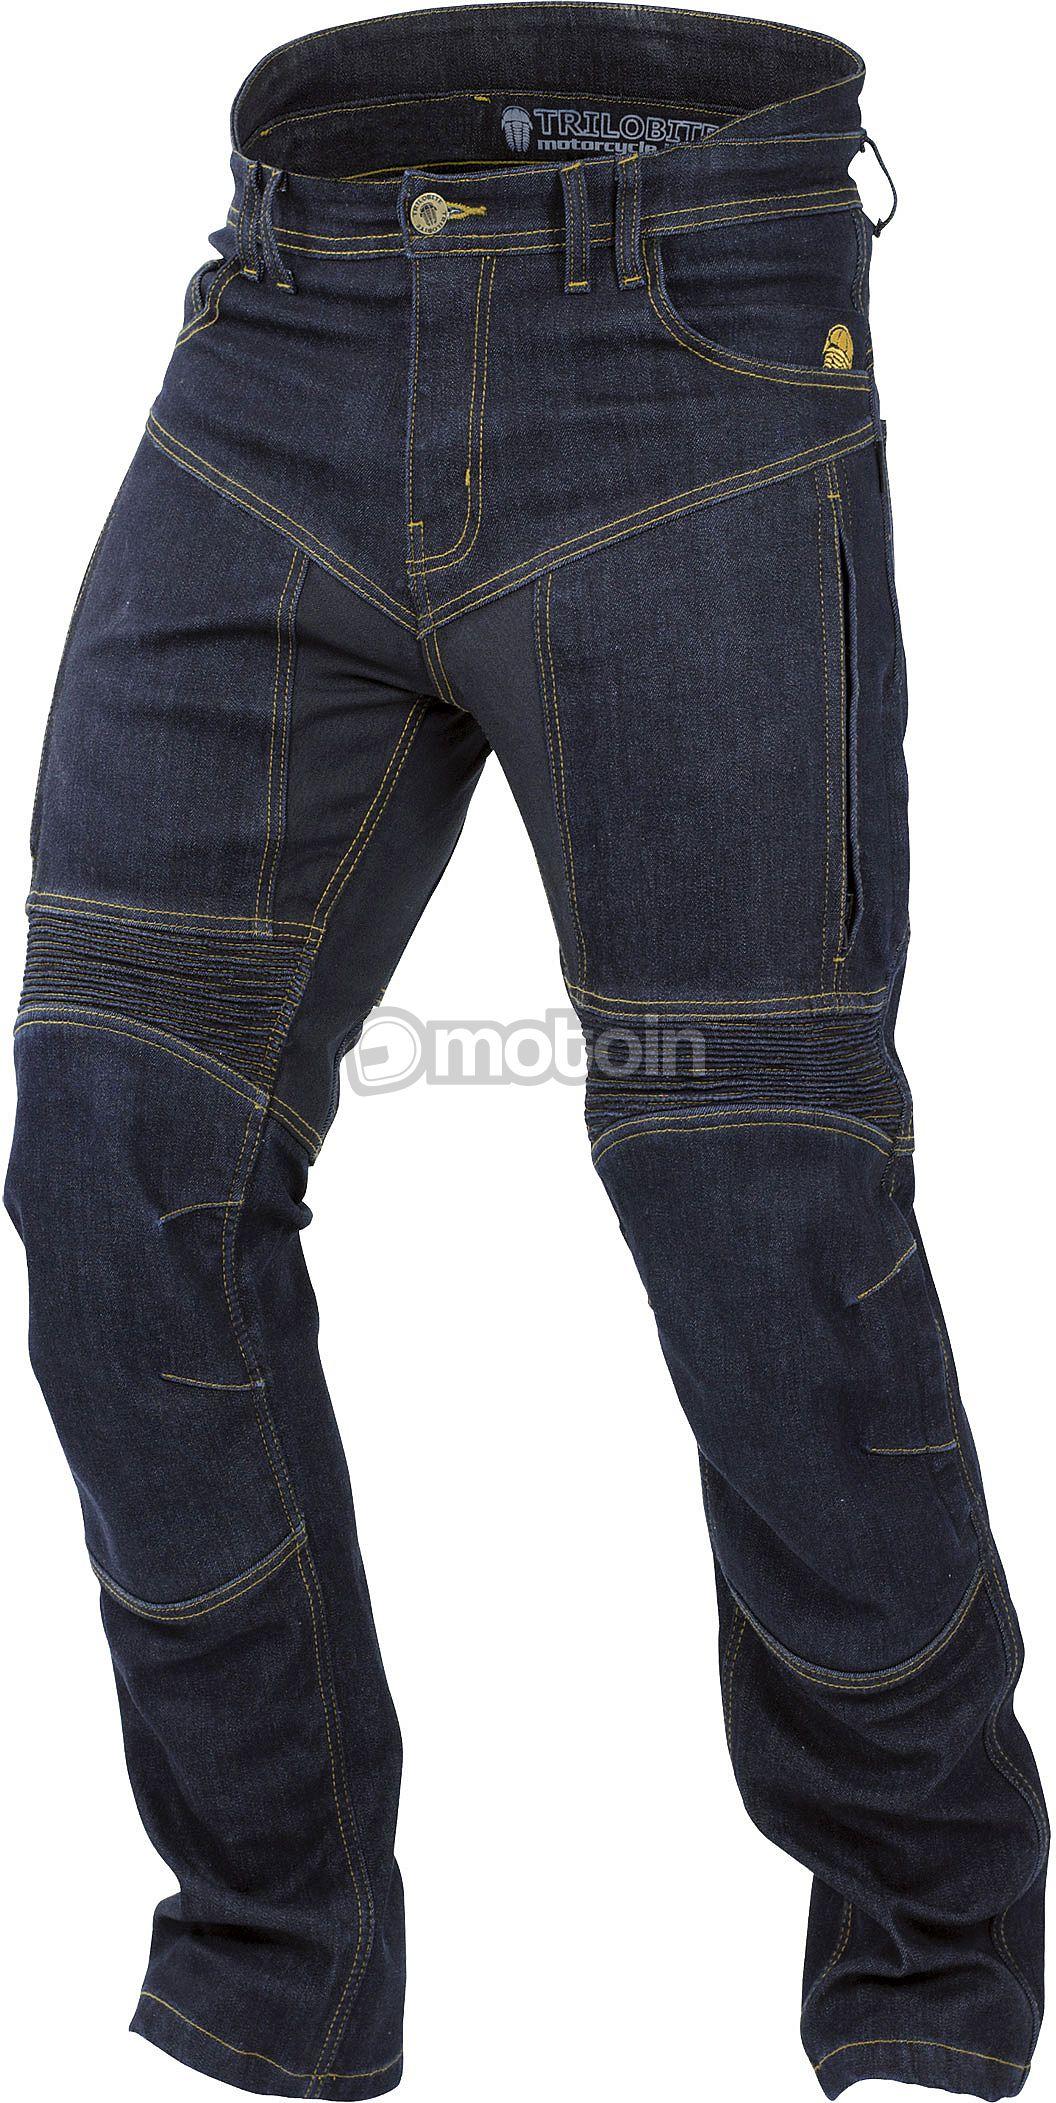 trilobite agnox kevlar jeans waterproof. Black Bedroom Furniture Sets. Home Design Ideas